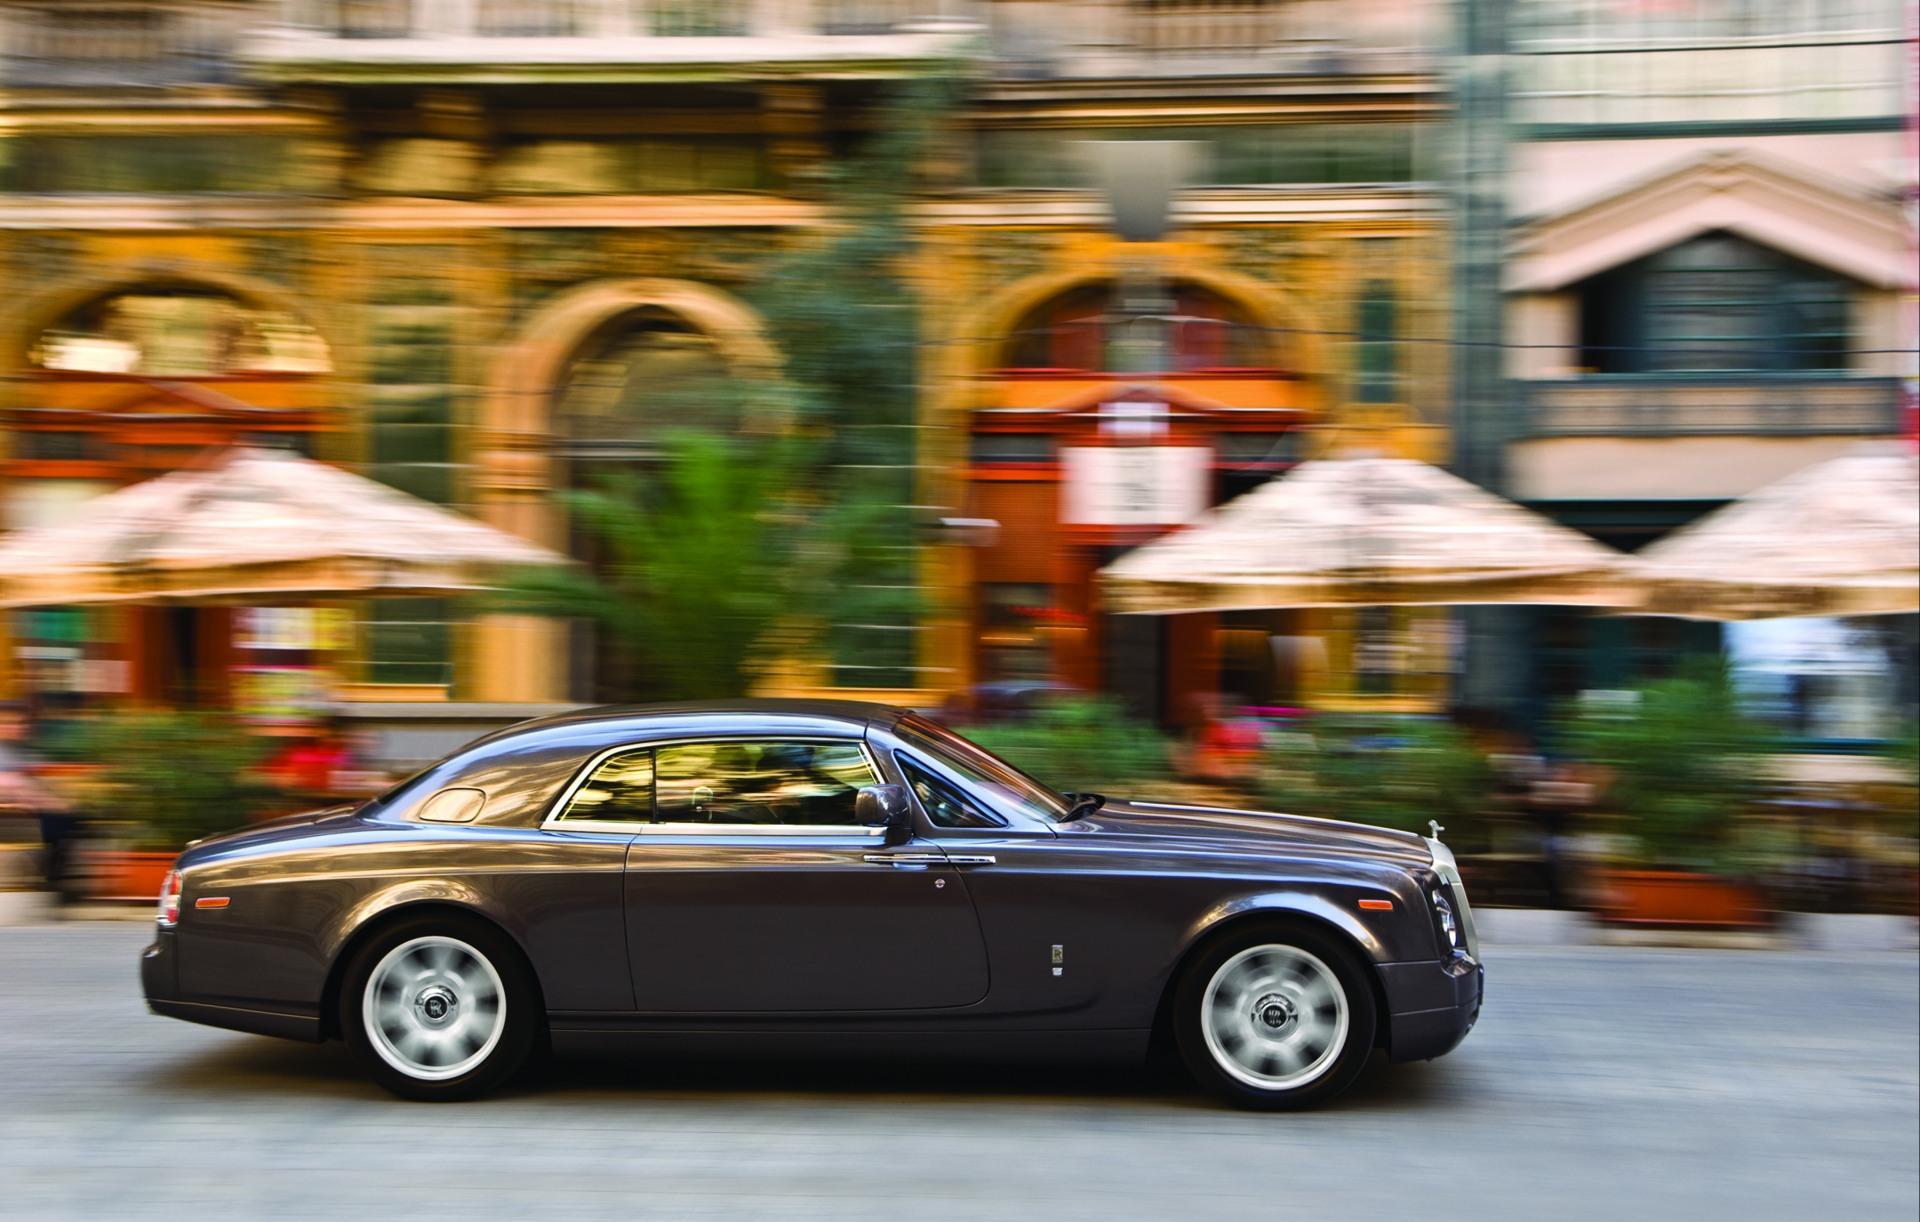 2010 Rolls-Royce Phantom Coupe - conceptcarz.com